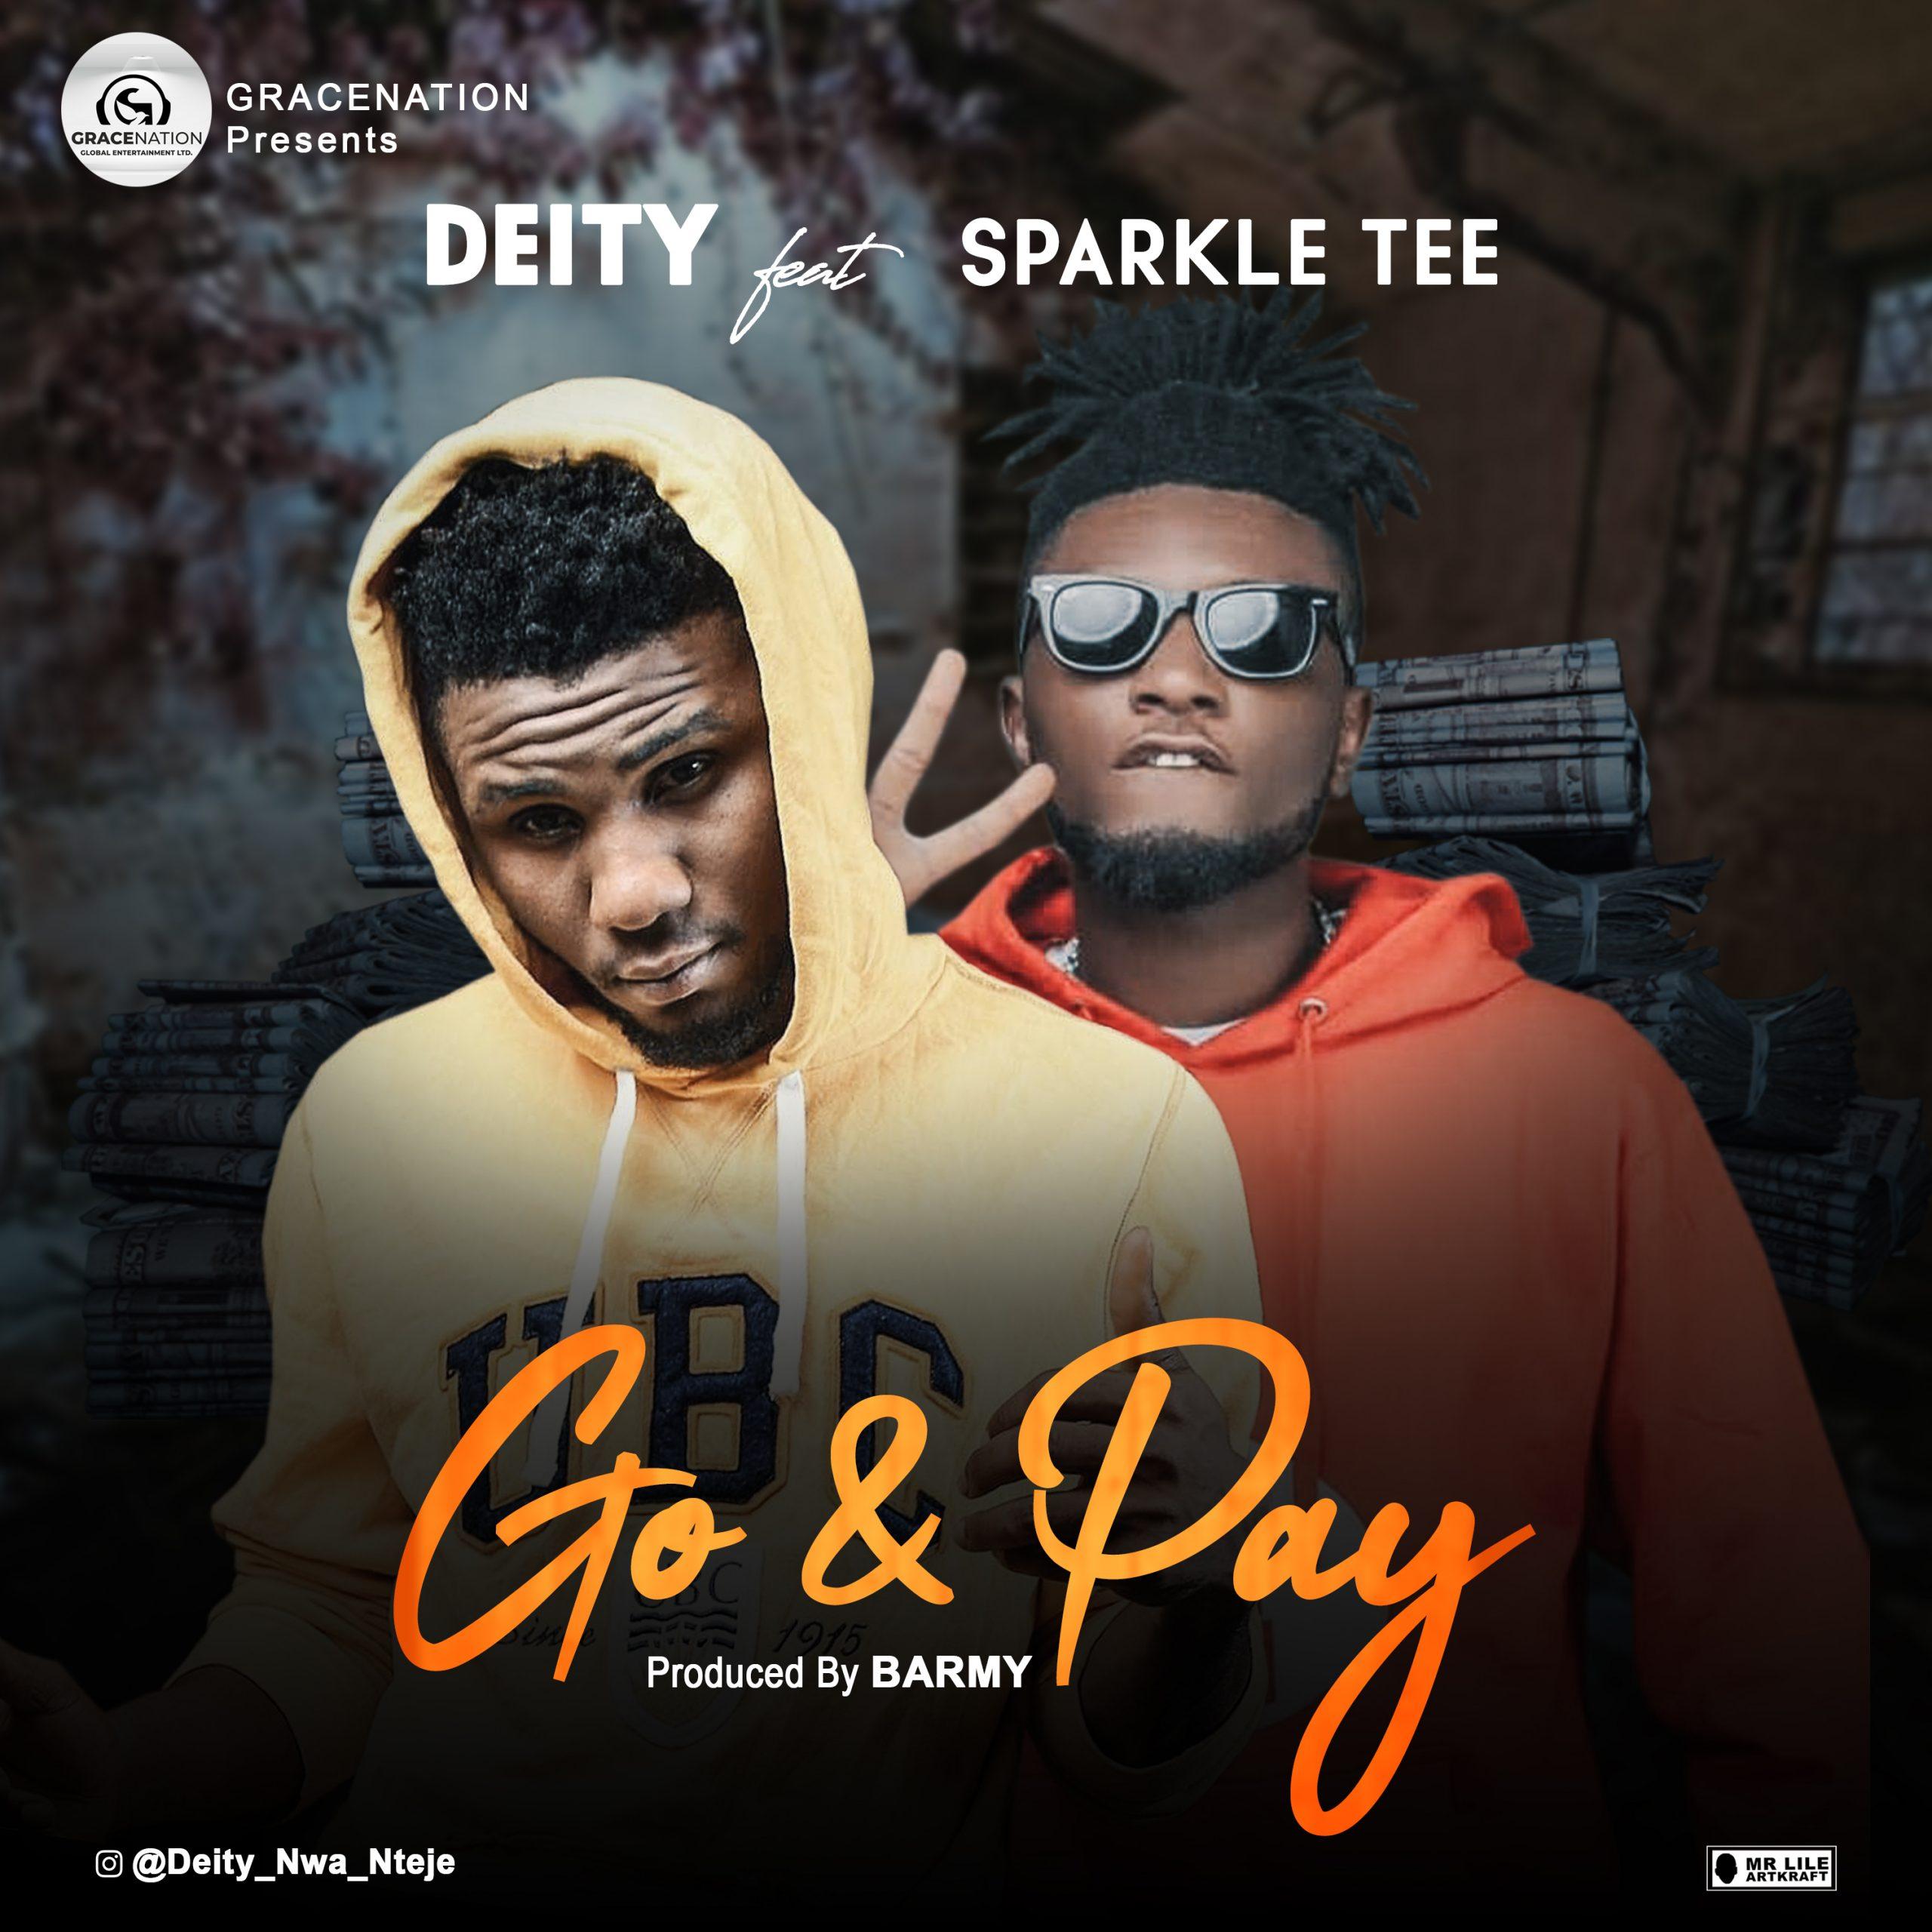 Deity-Go and pay ft. Sparkle Tee